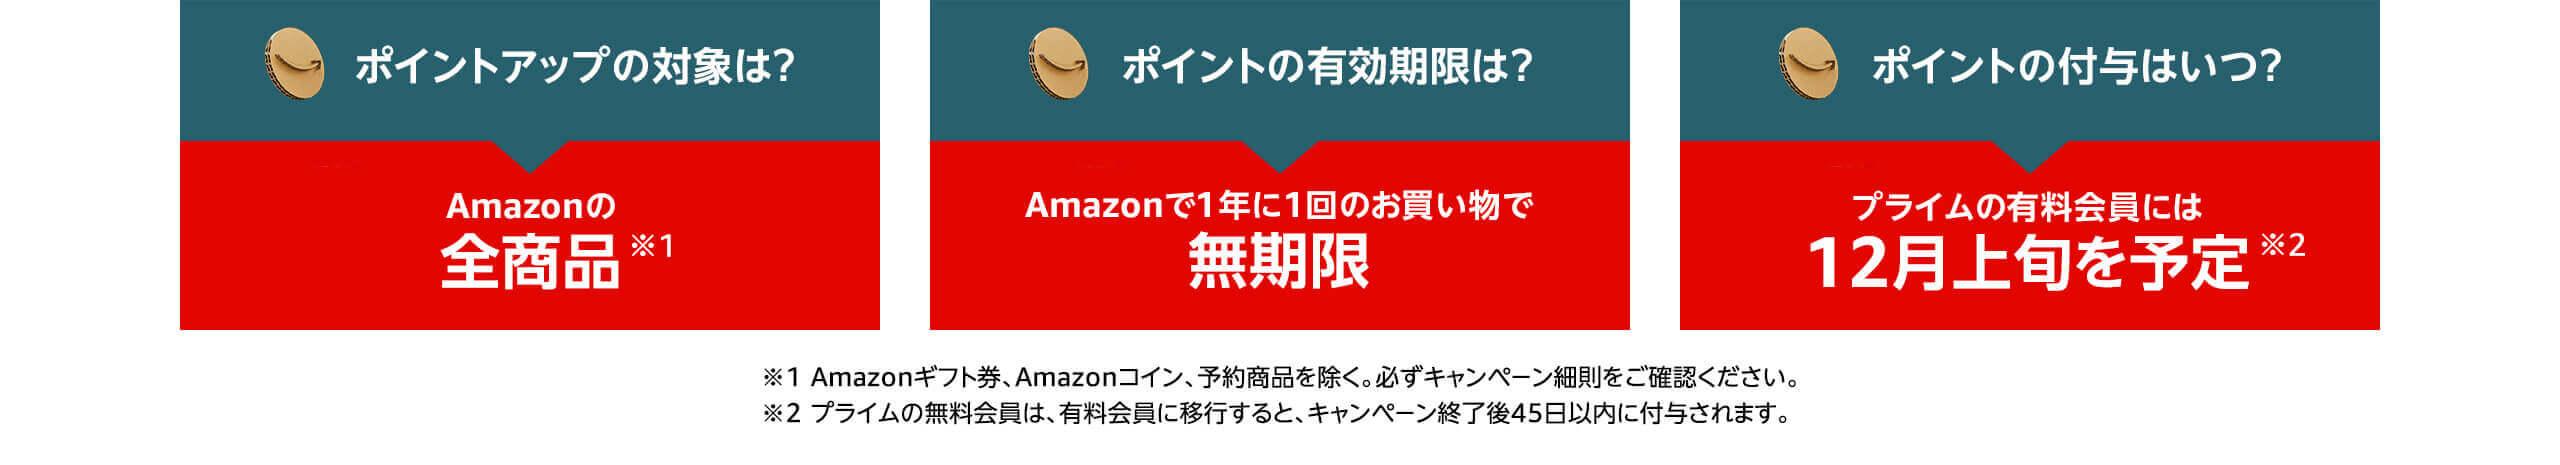 アマゾンブラックフライデー お買い物で最大5000ポイント還元キャンペーンの詳細